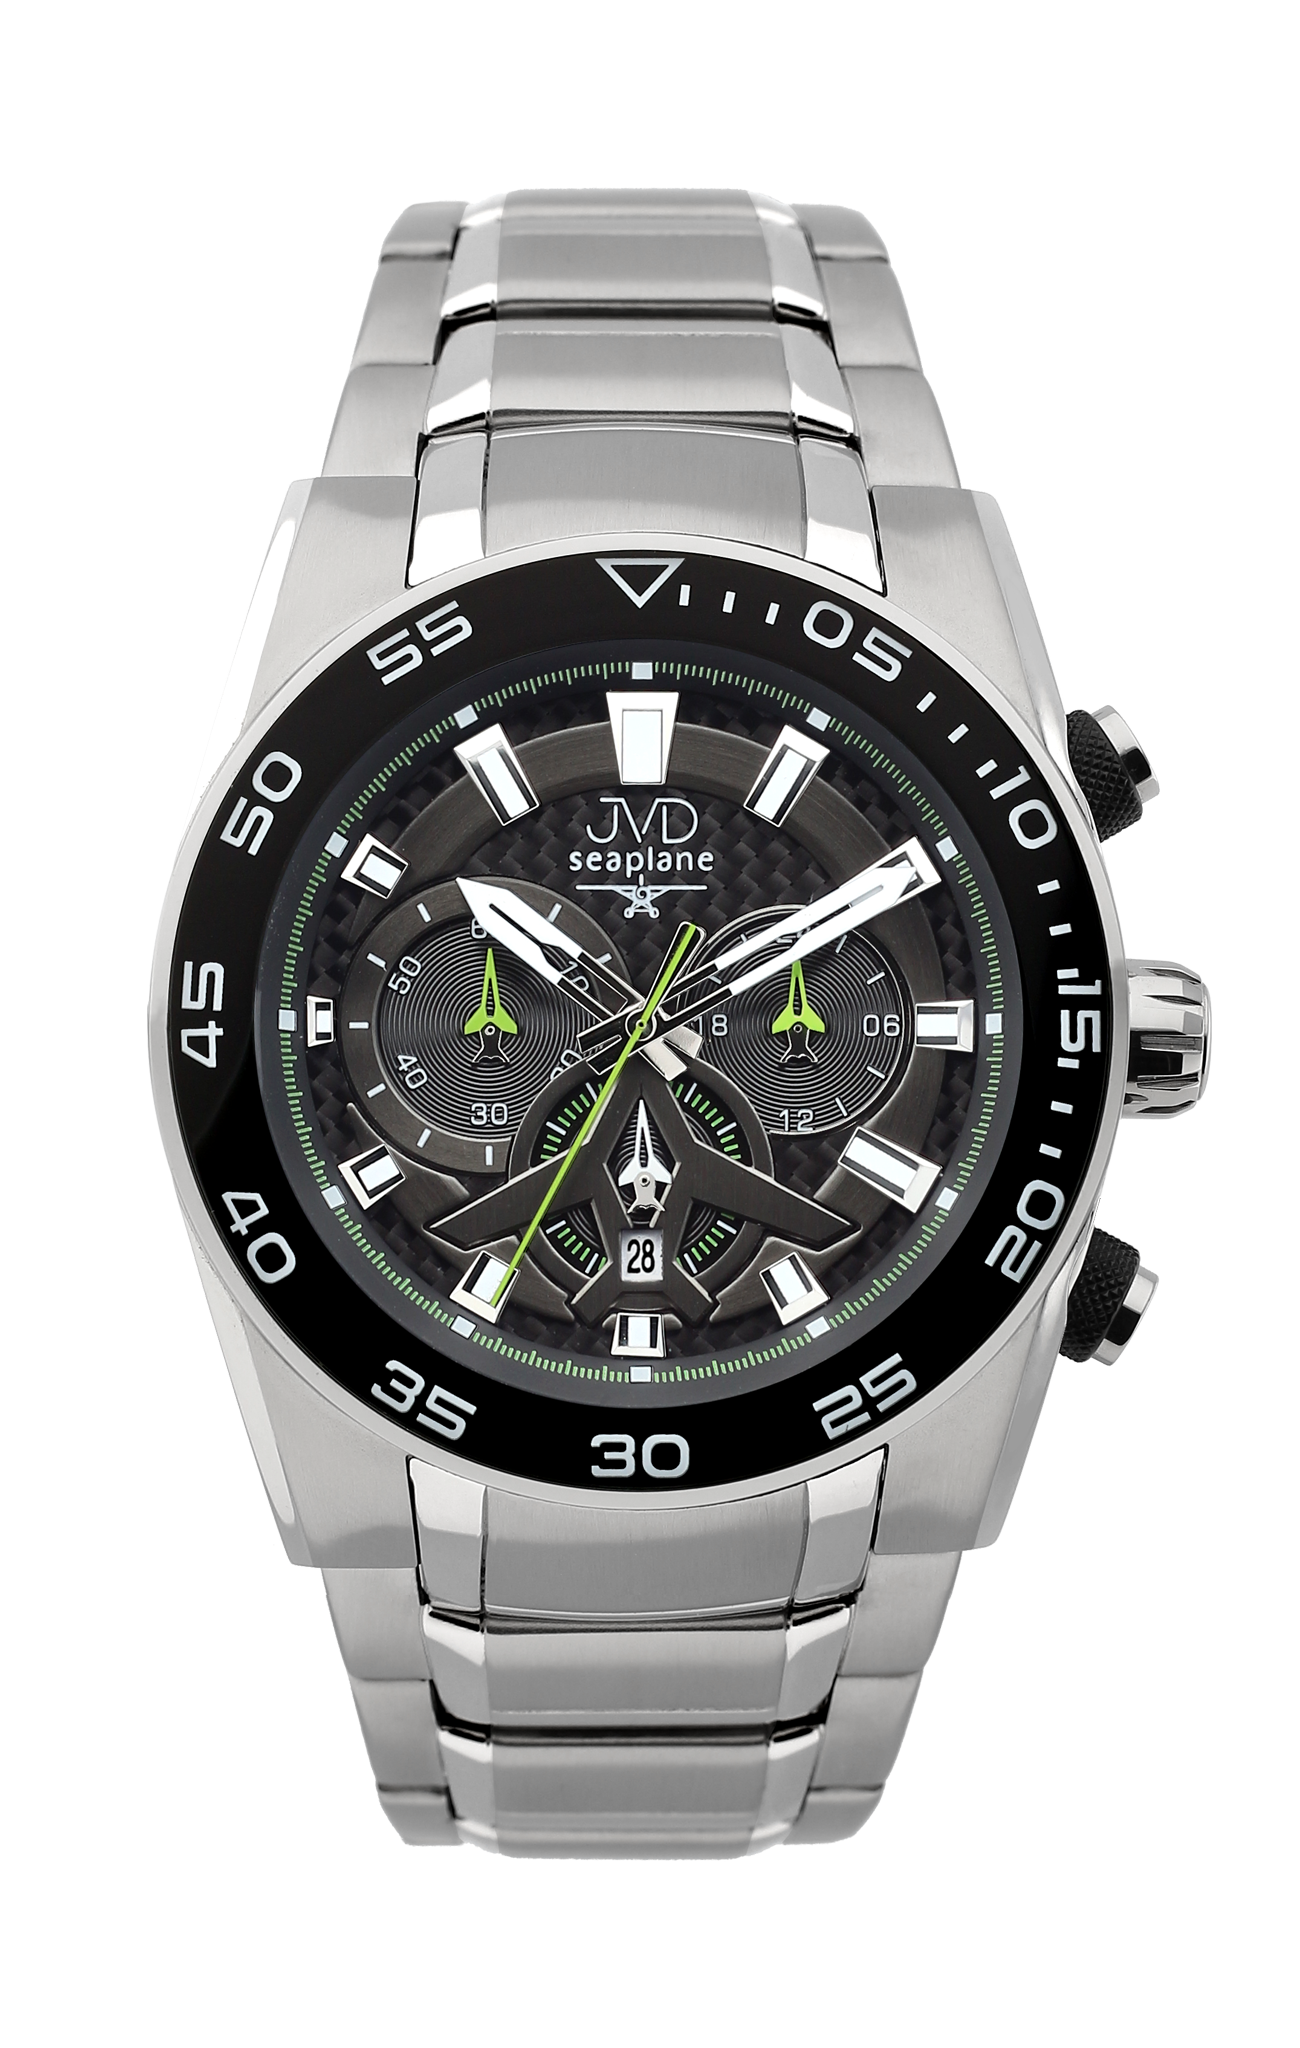 Luxusní vodotěsné sportovní hodinky JVD seaplane W49.4 chornograf se stopkami (POŠTOVNÉ ZDARMA!!)